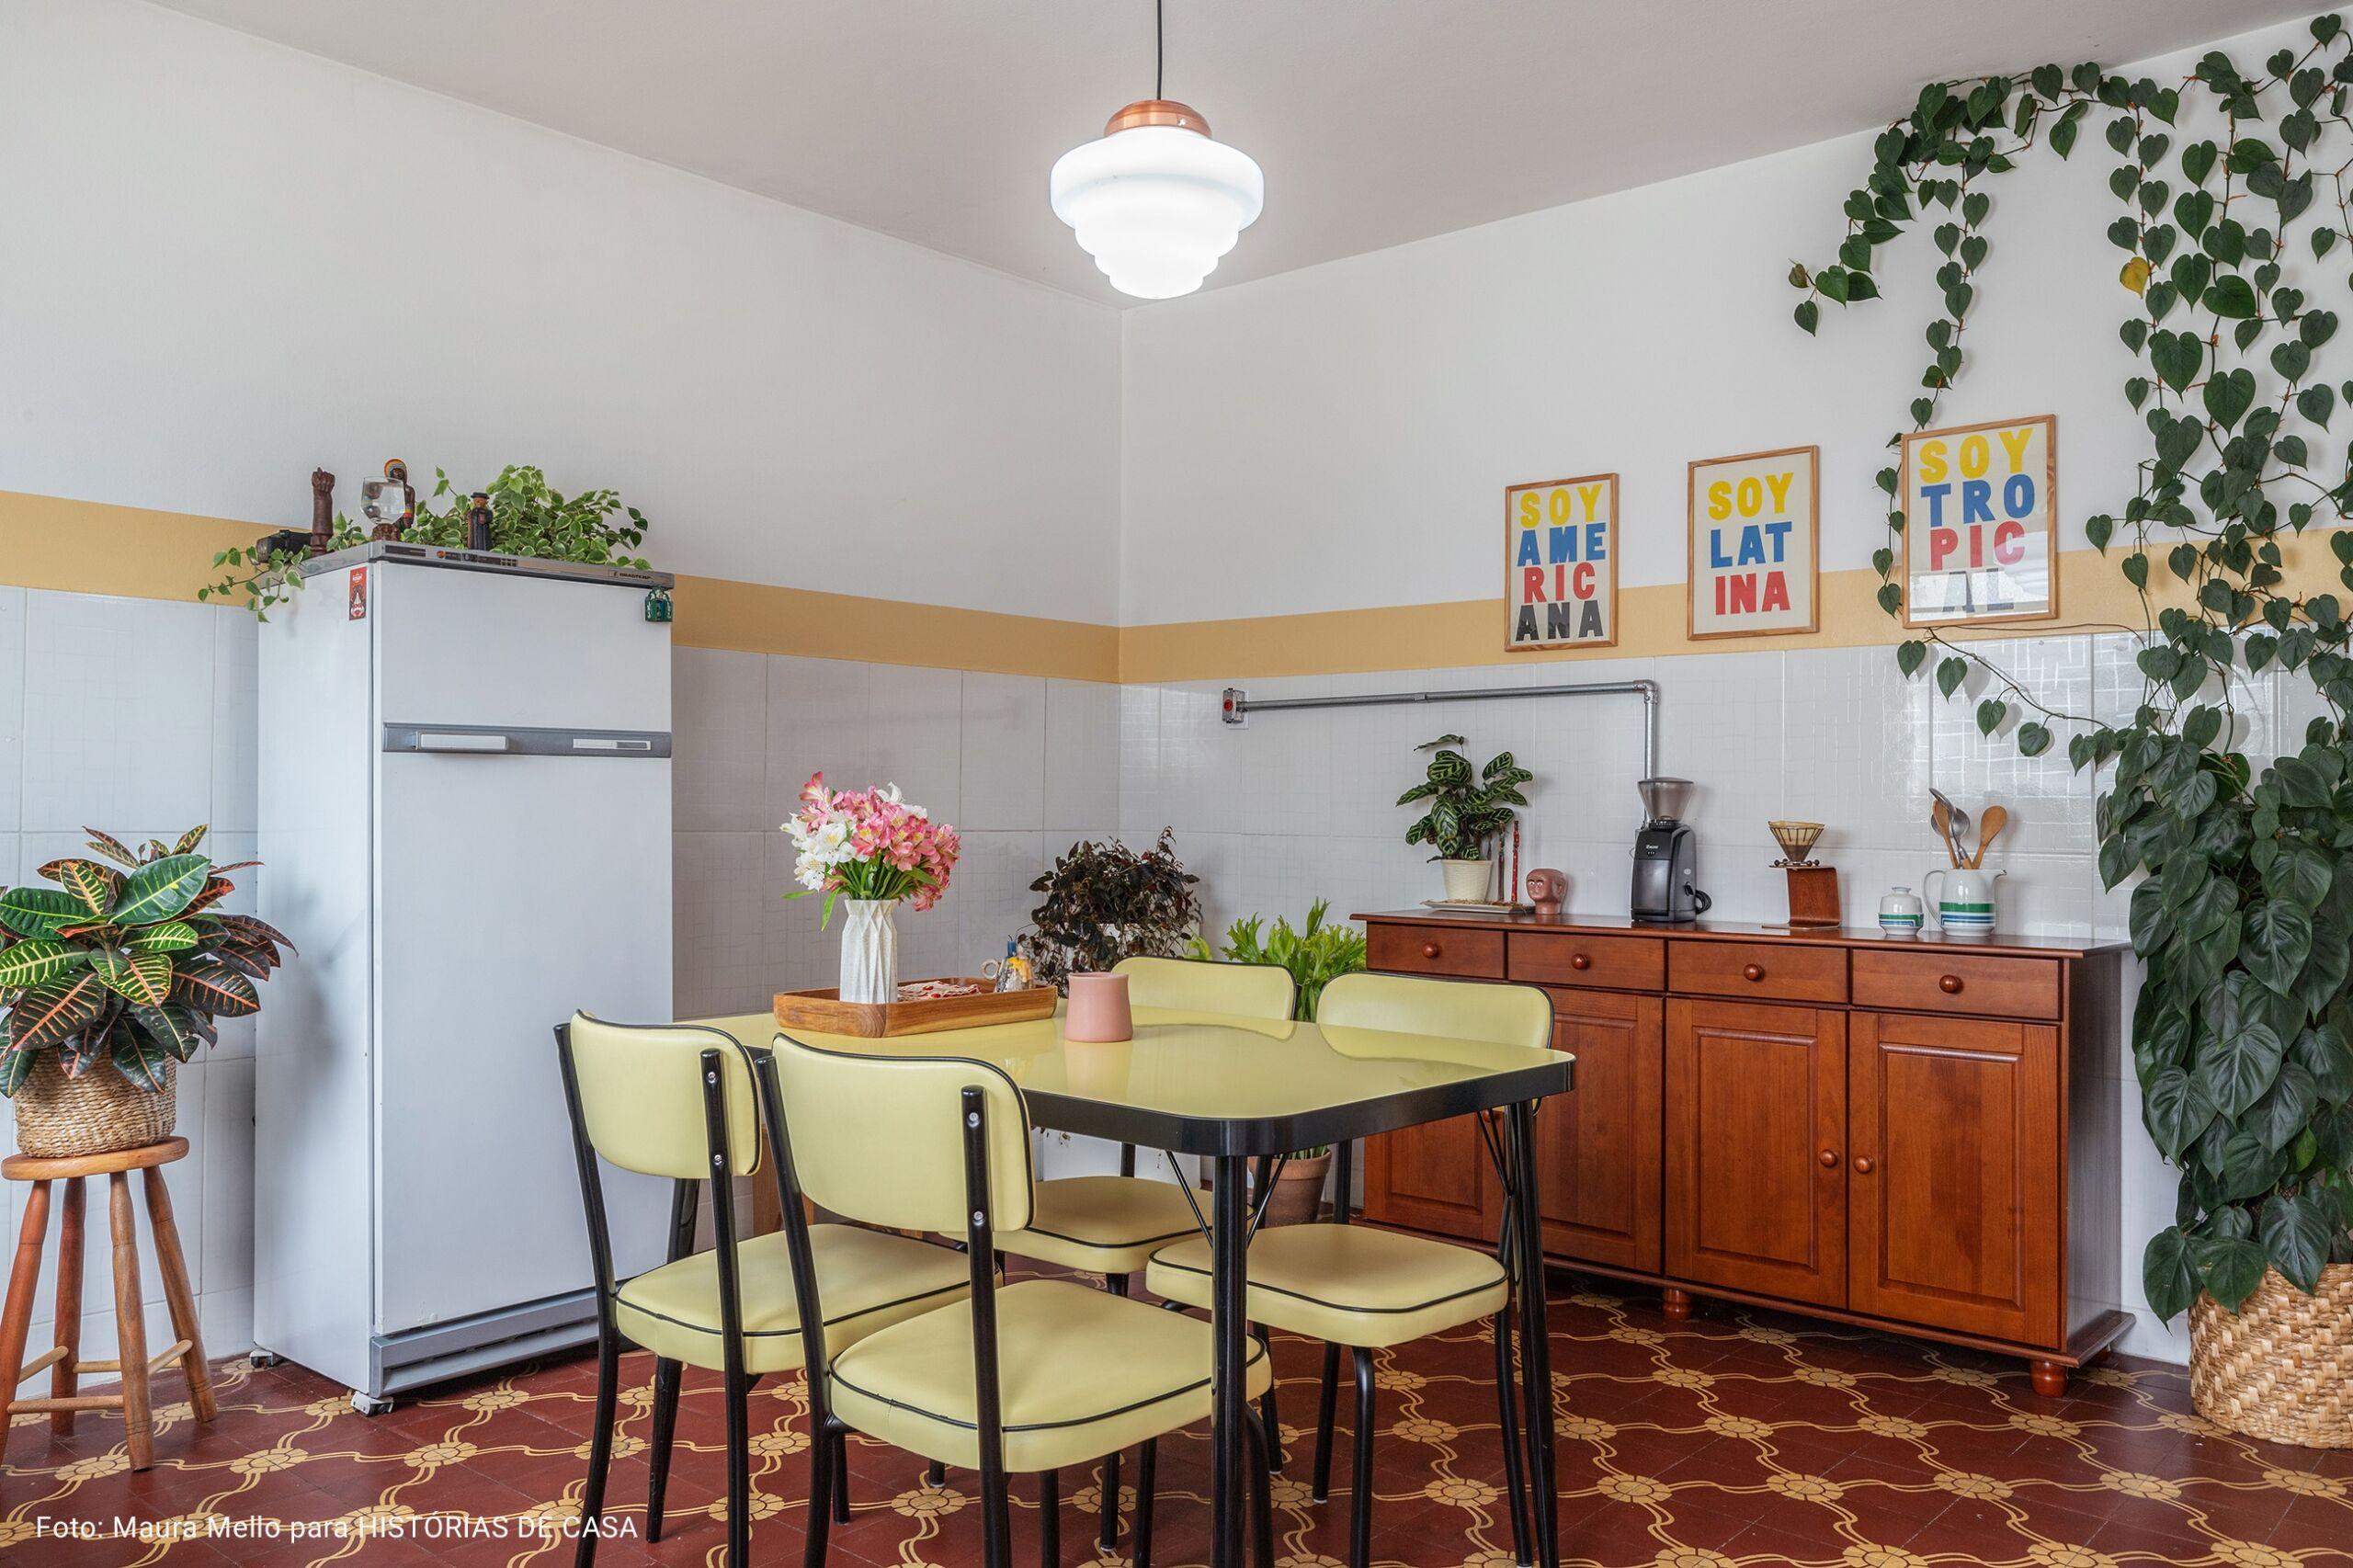 cozinha com mesa e cadeiras amarelas